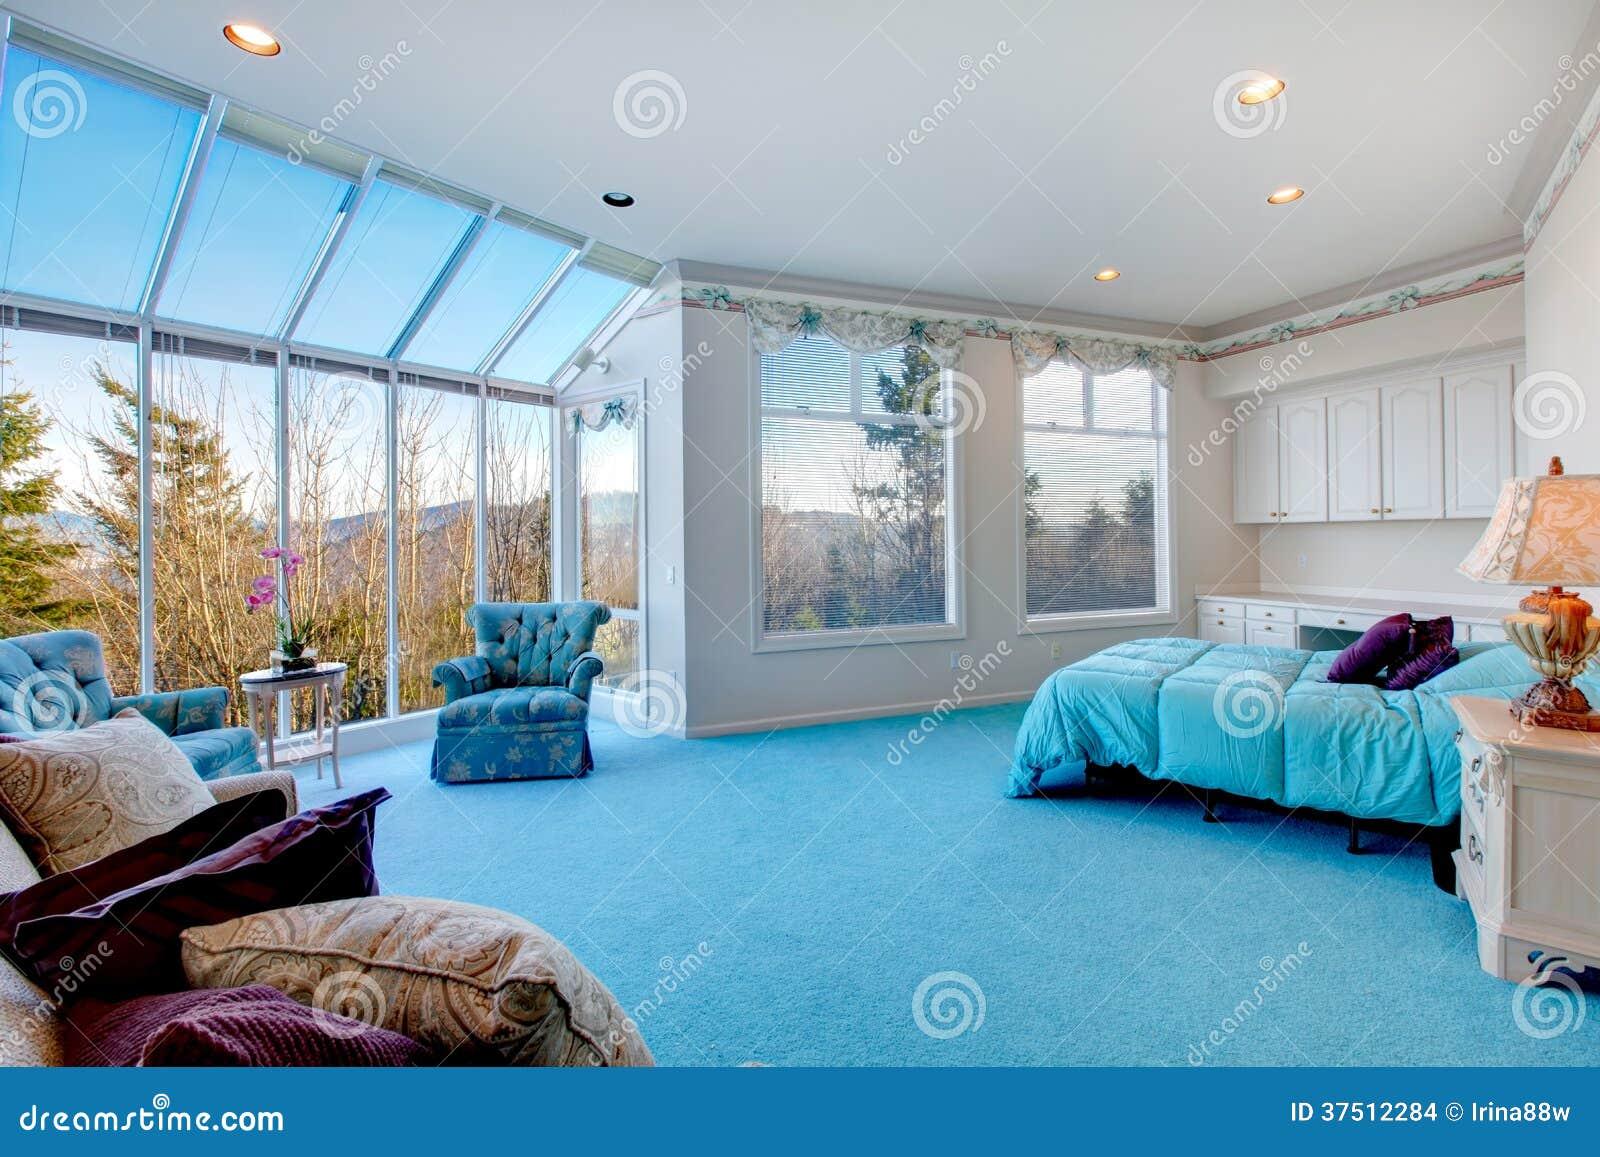 Blauwe Slaapkamer Muur : ... Afbeeldingen: Verbazende lichtblauwe en ...